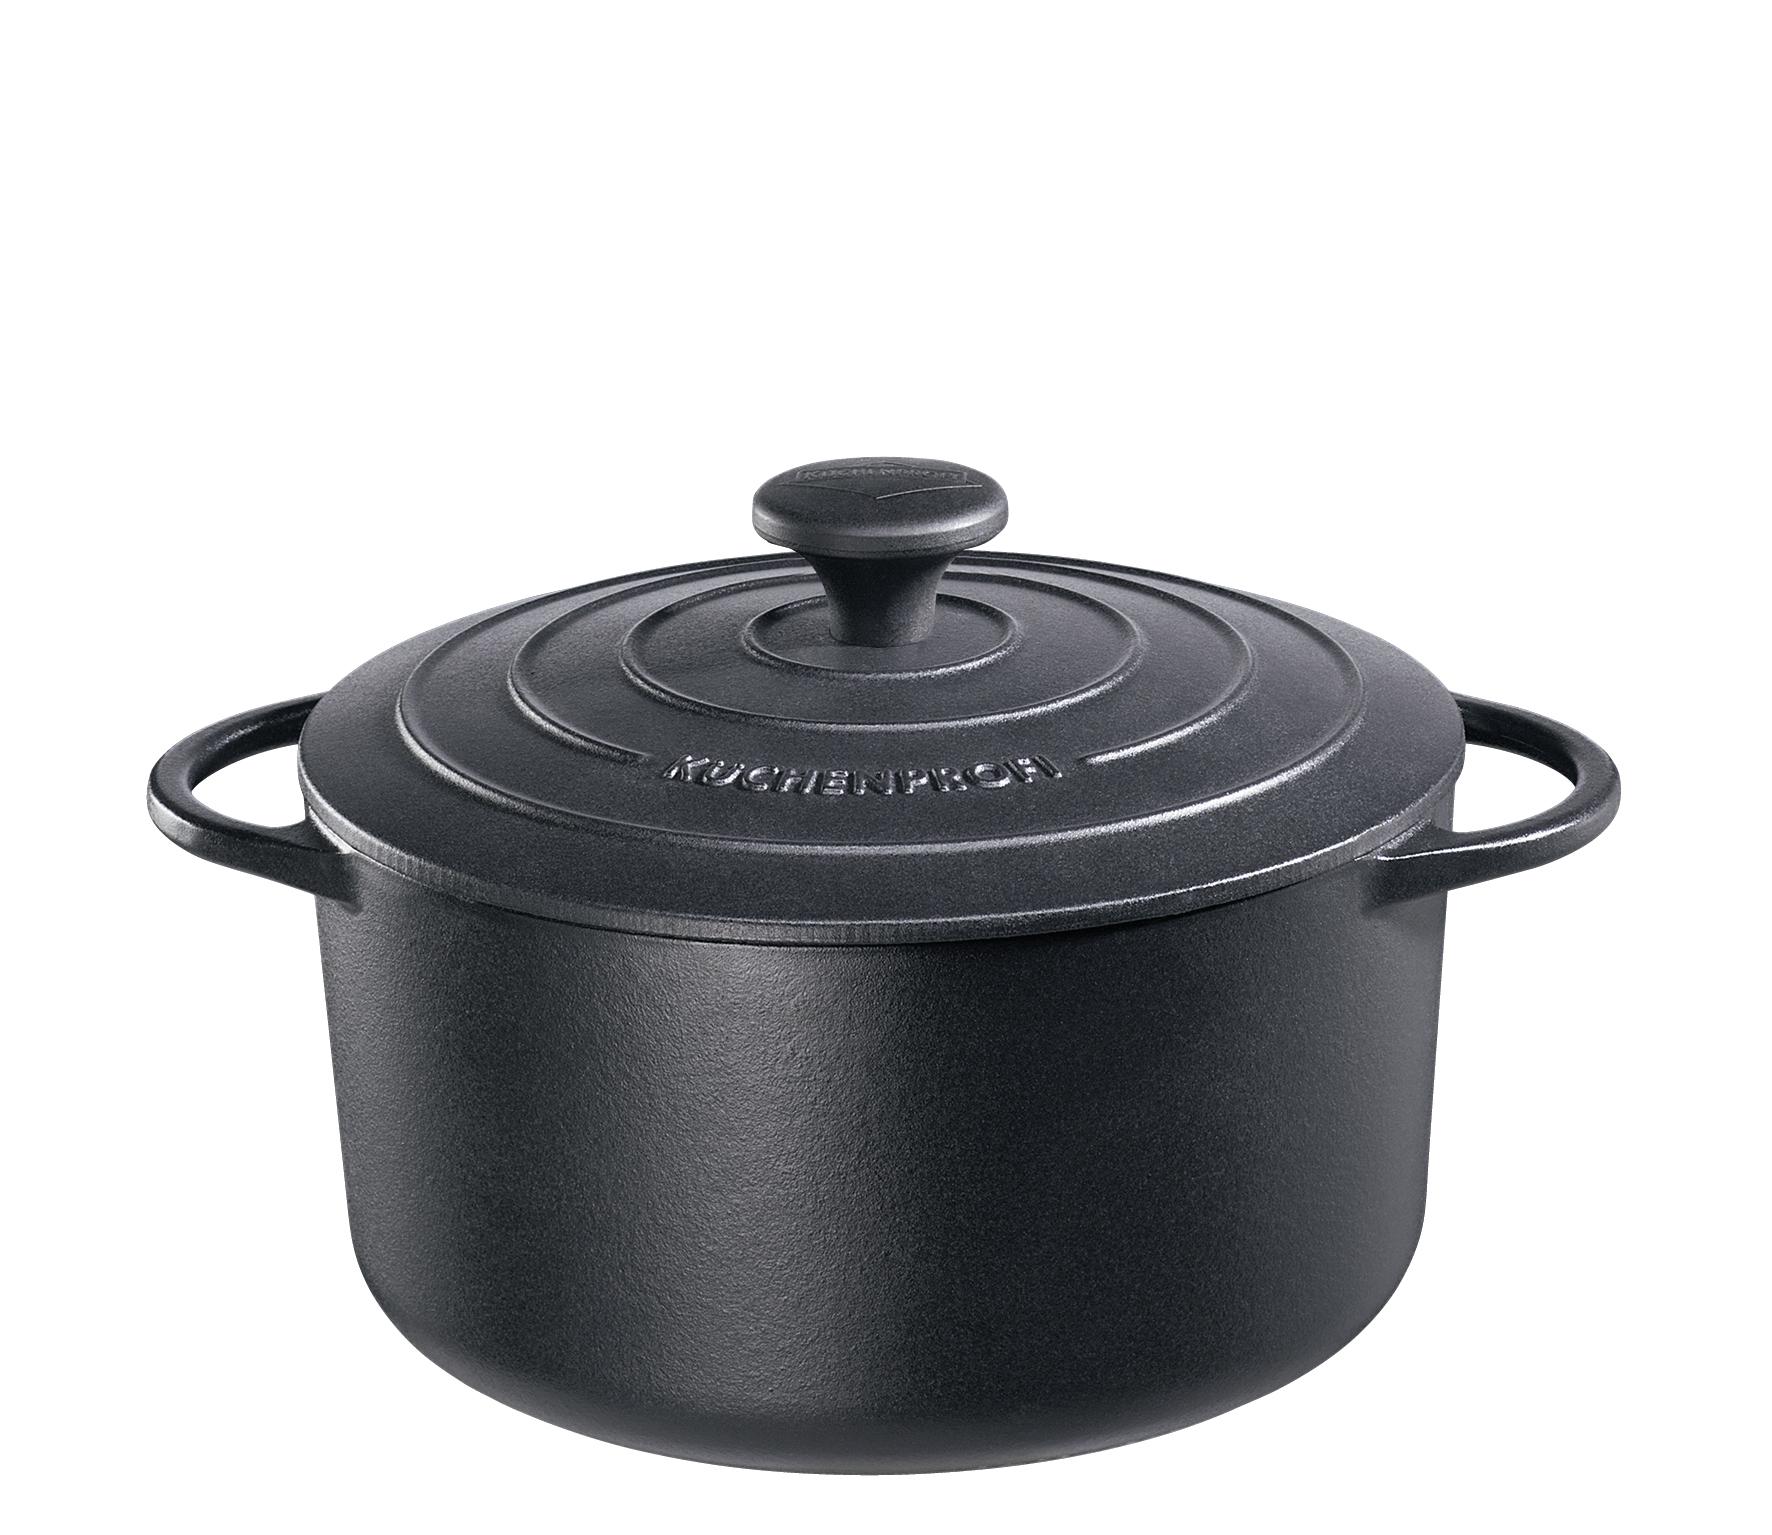 Litinový hrnec 24 cm černý Provence - Küchenprofi